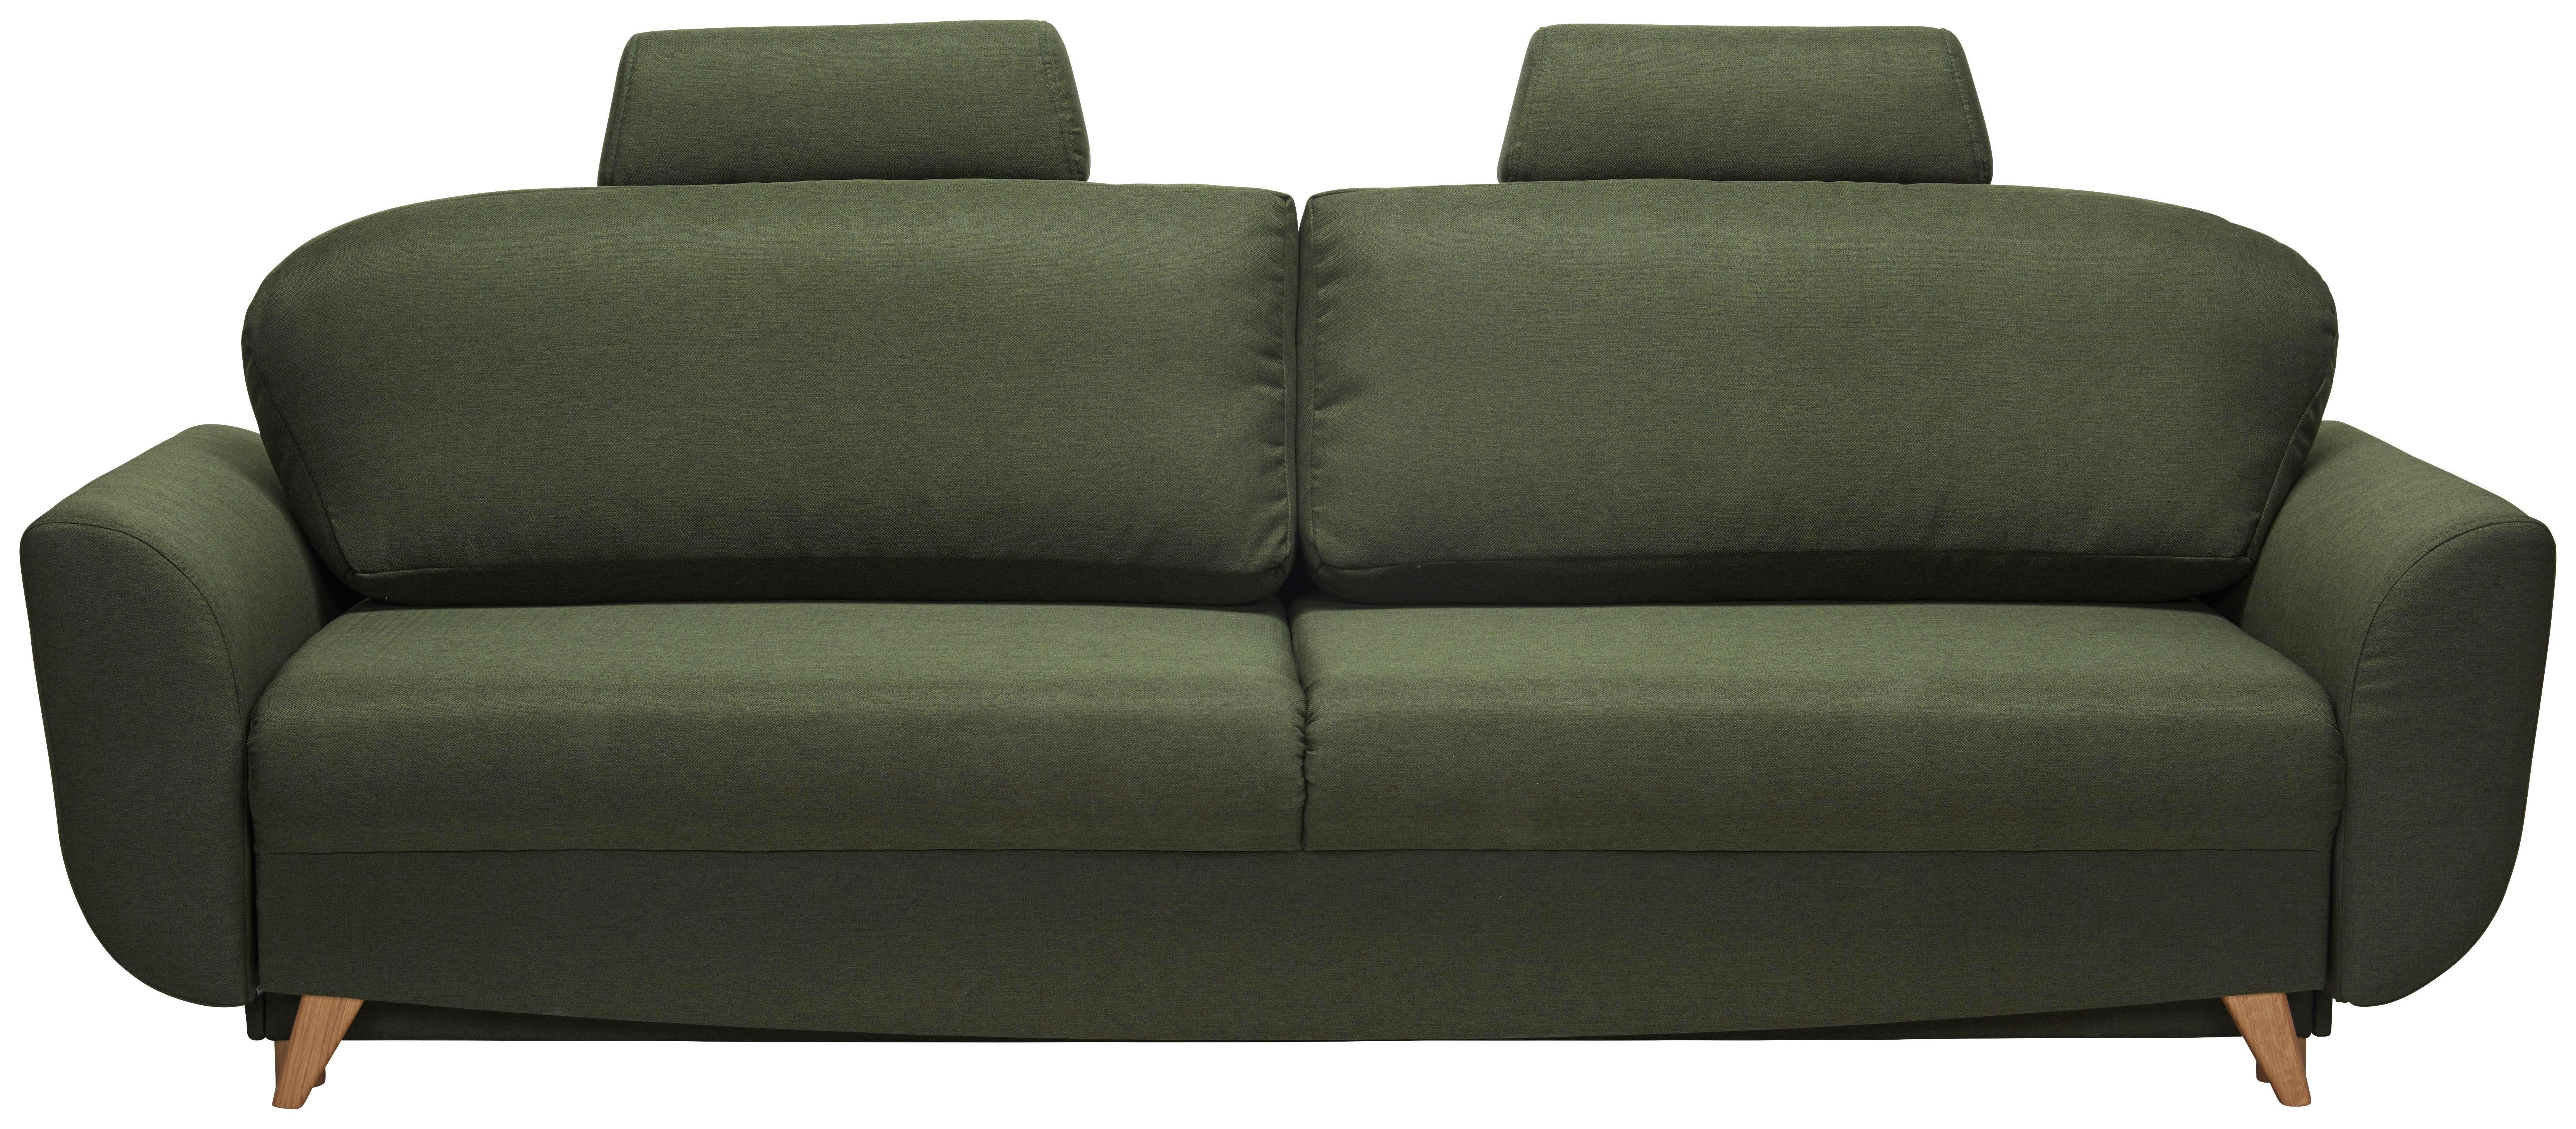 vielfltige polstermbelauswahl xxxlutz - Eckschlafsofa Die Praktischen Sofa Fur Ihren Komfort